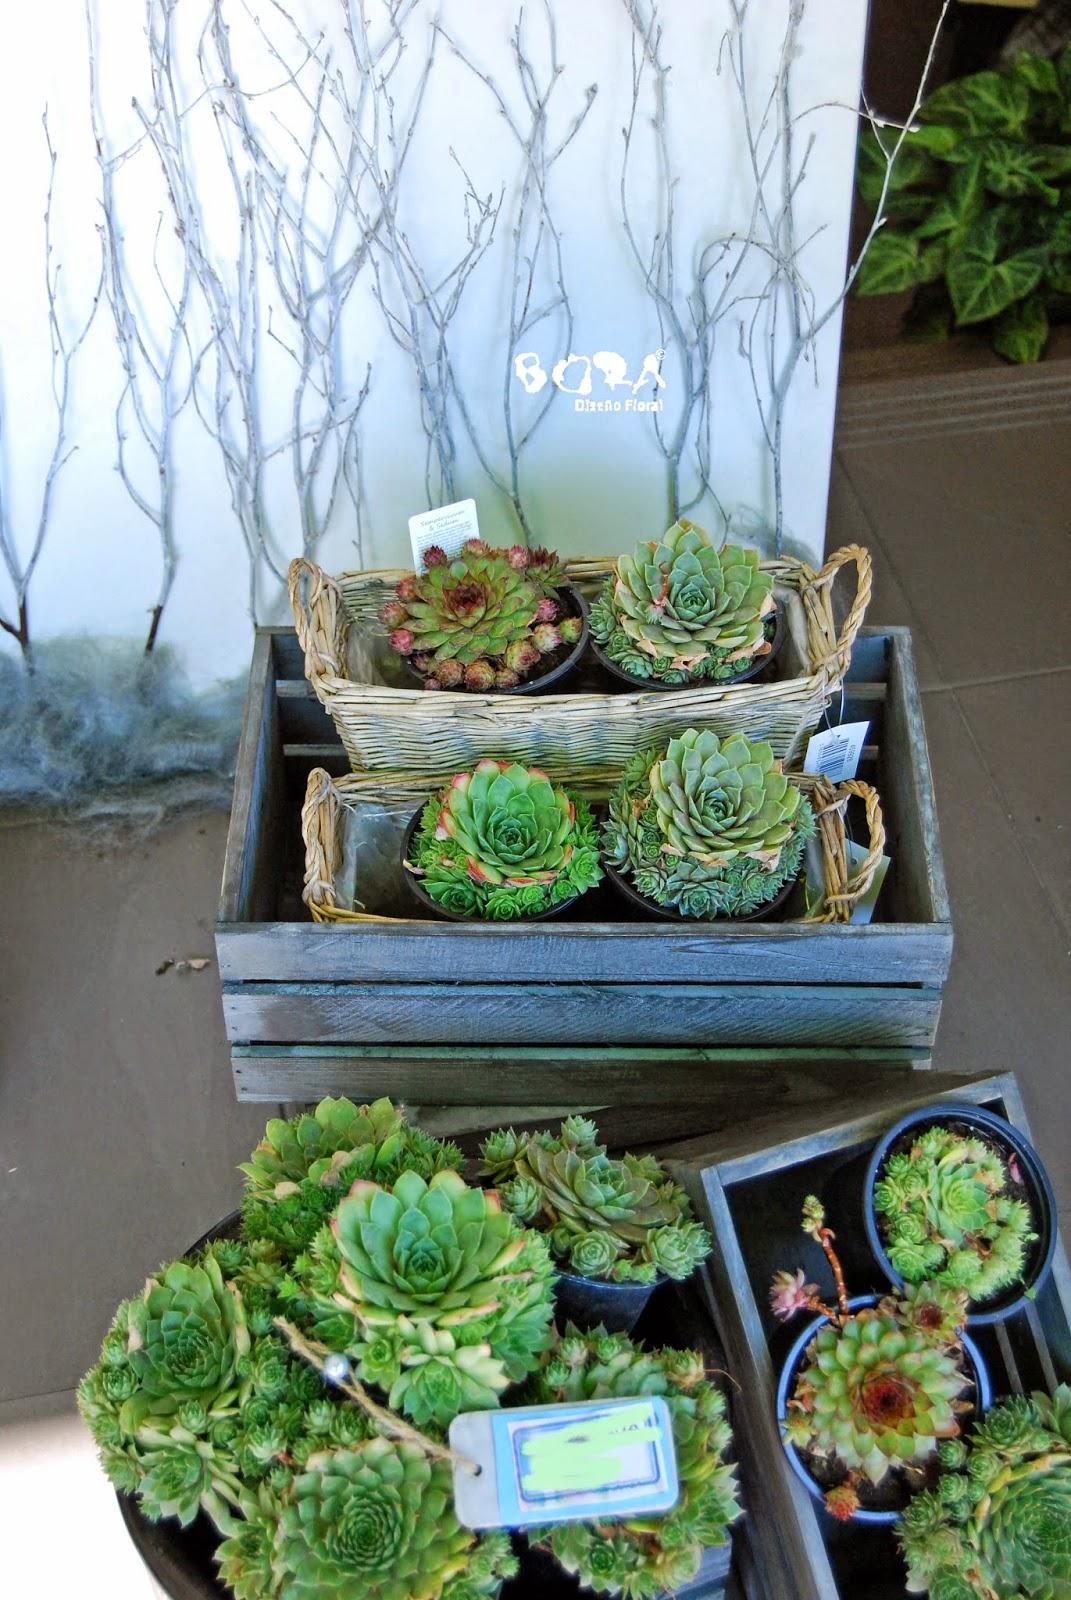 cajas de fruta con cactus